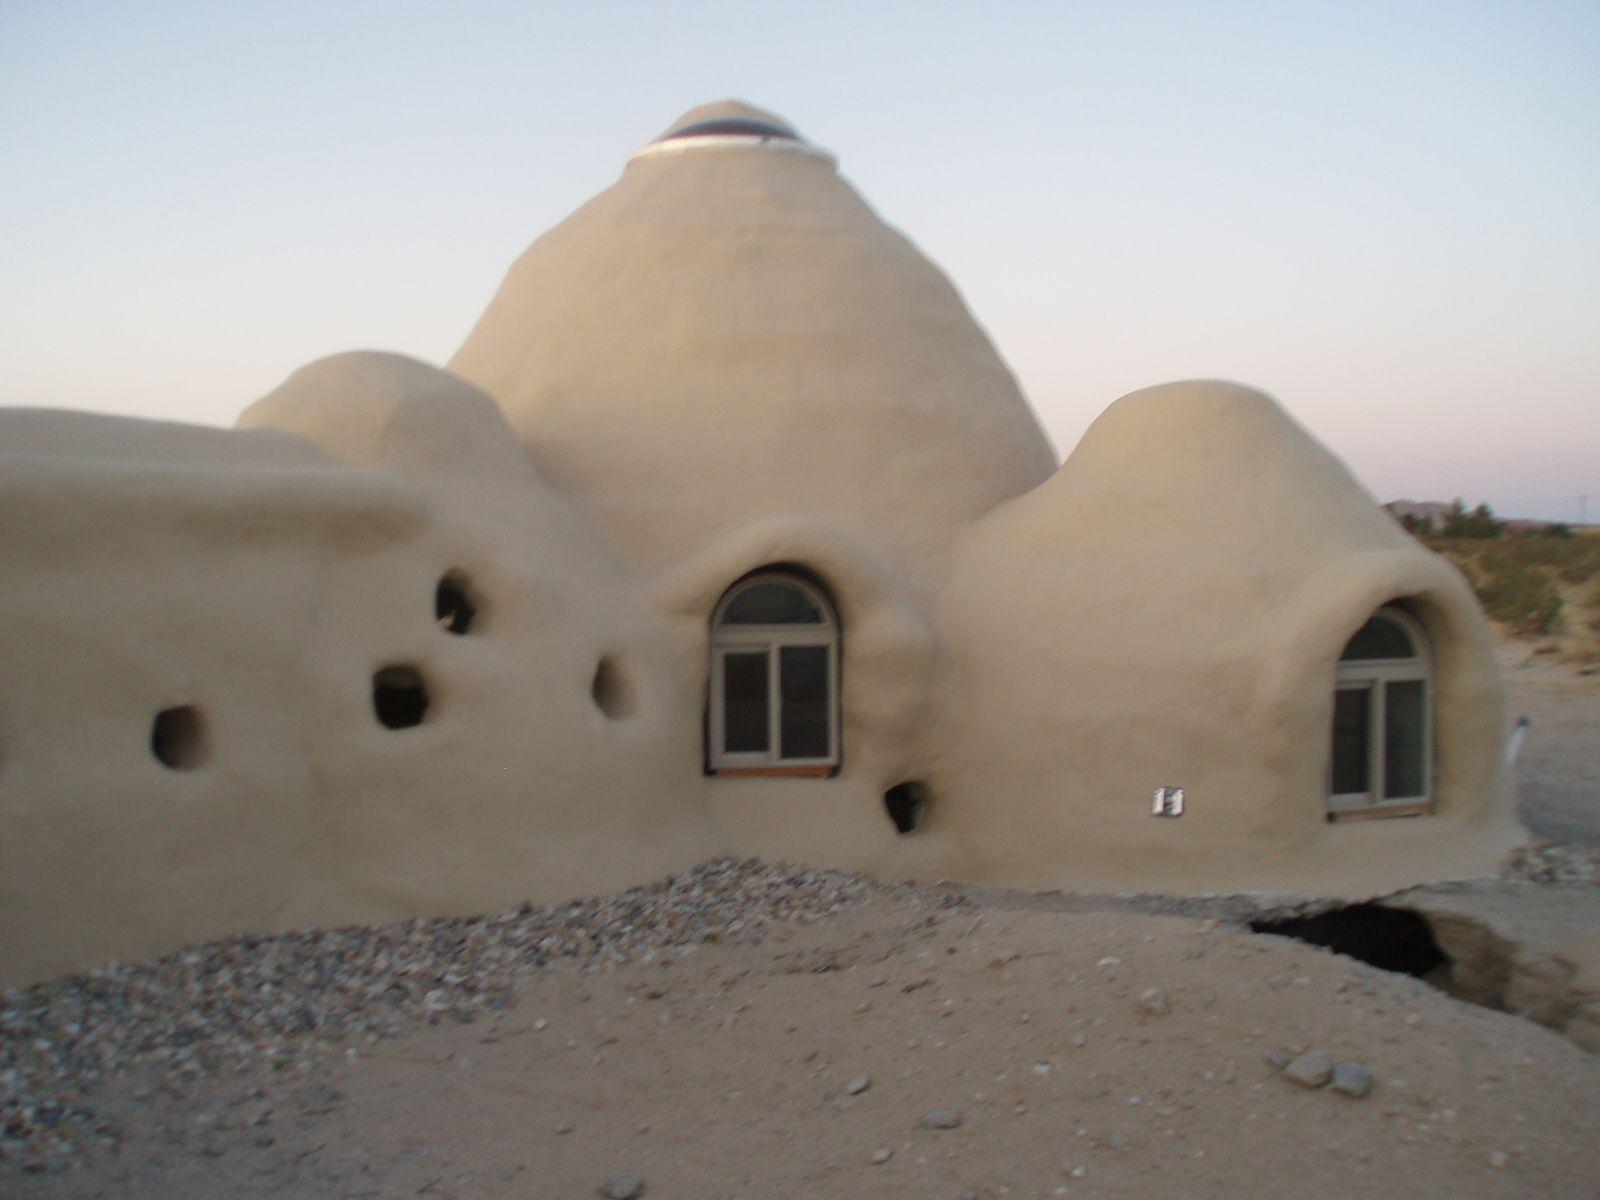 Superadobe A Finales De Los Años Setenta El Iraní Nader Khalili Desarrolló El Super Adobe Una Técnica De Const Eco House Design Building Images Earth Homes